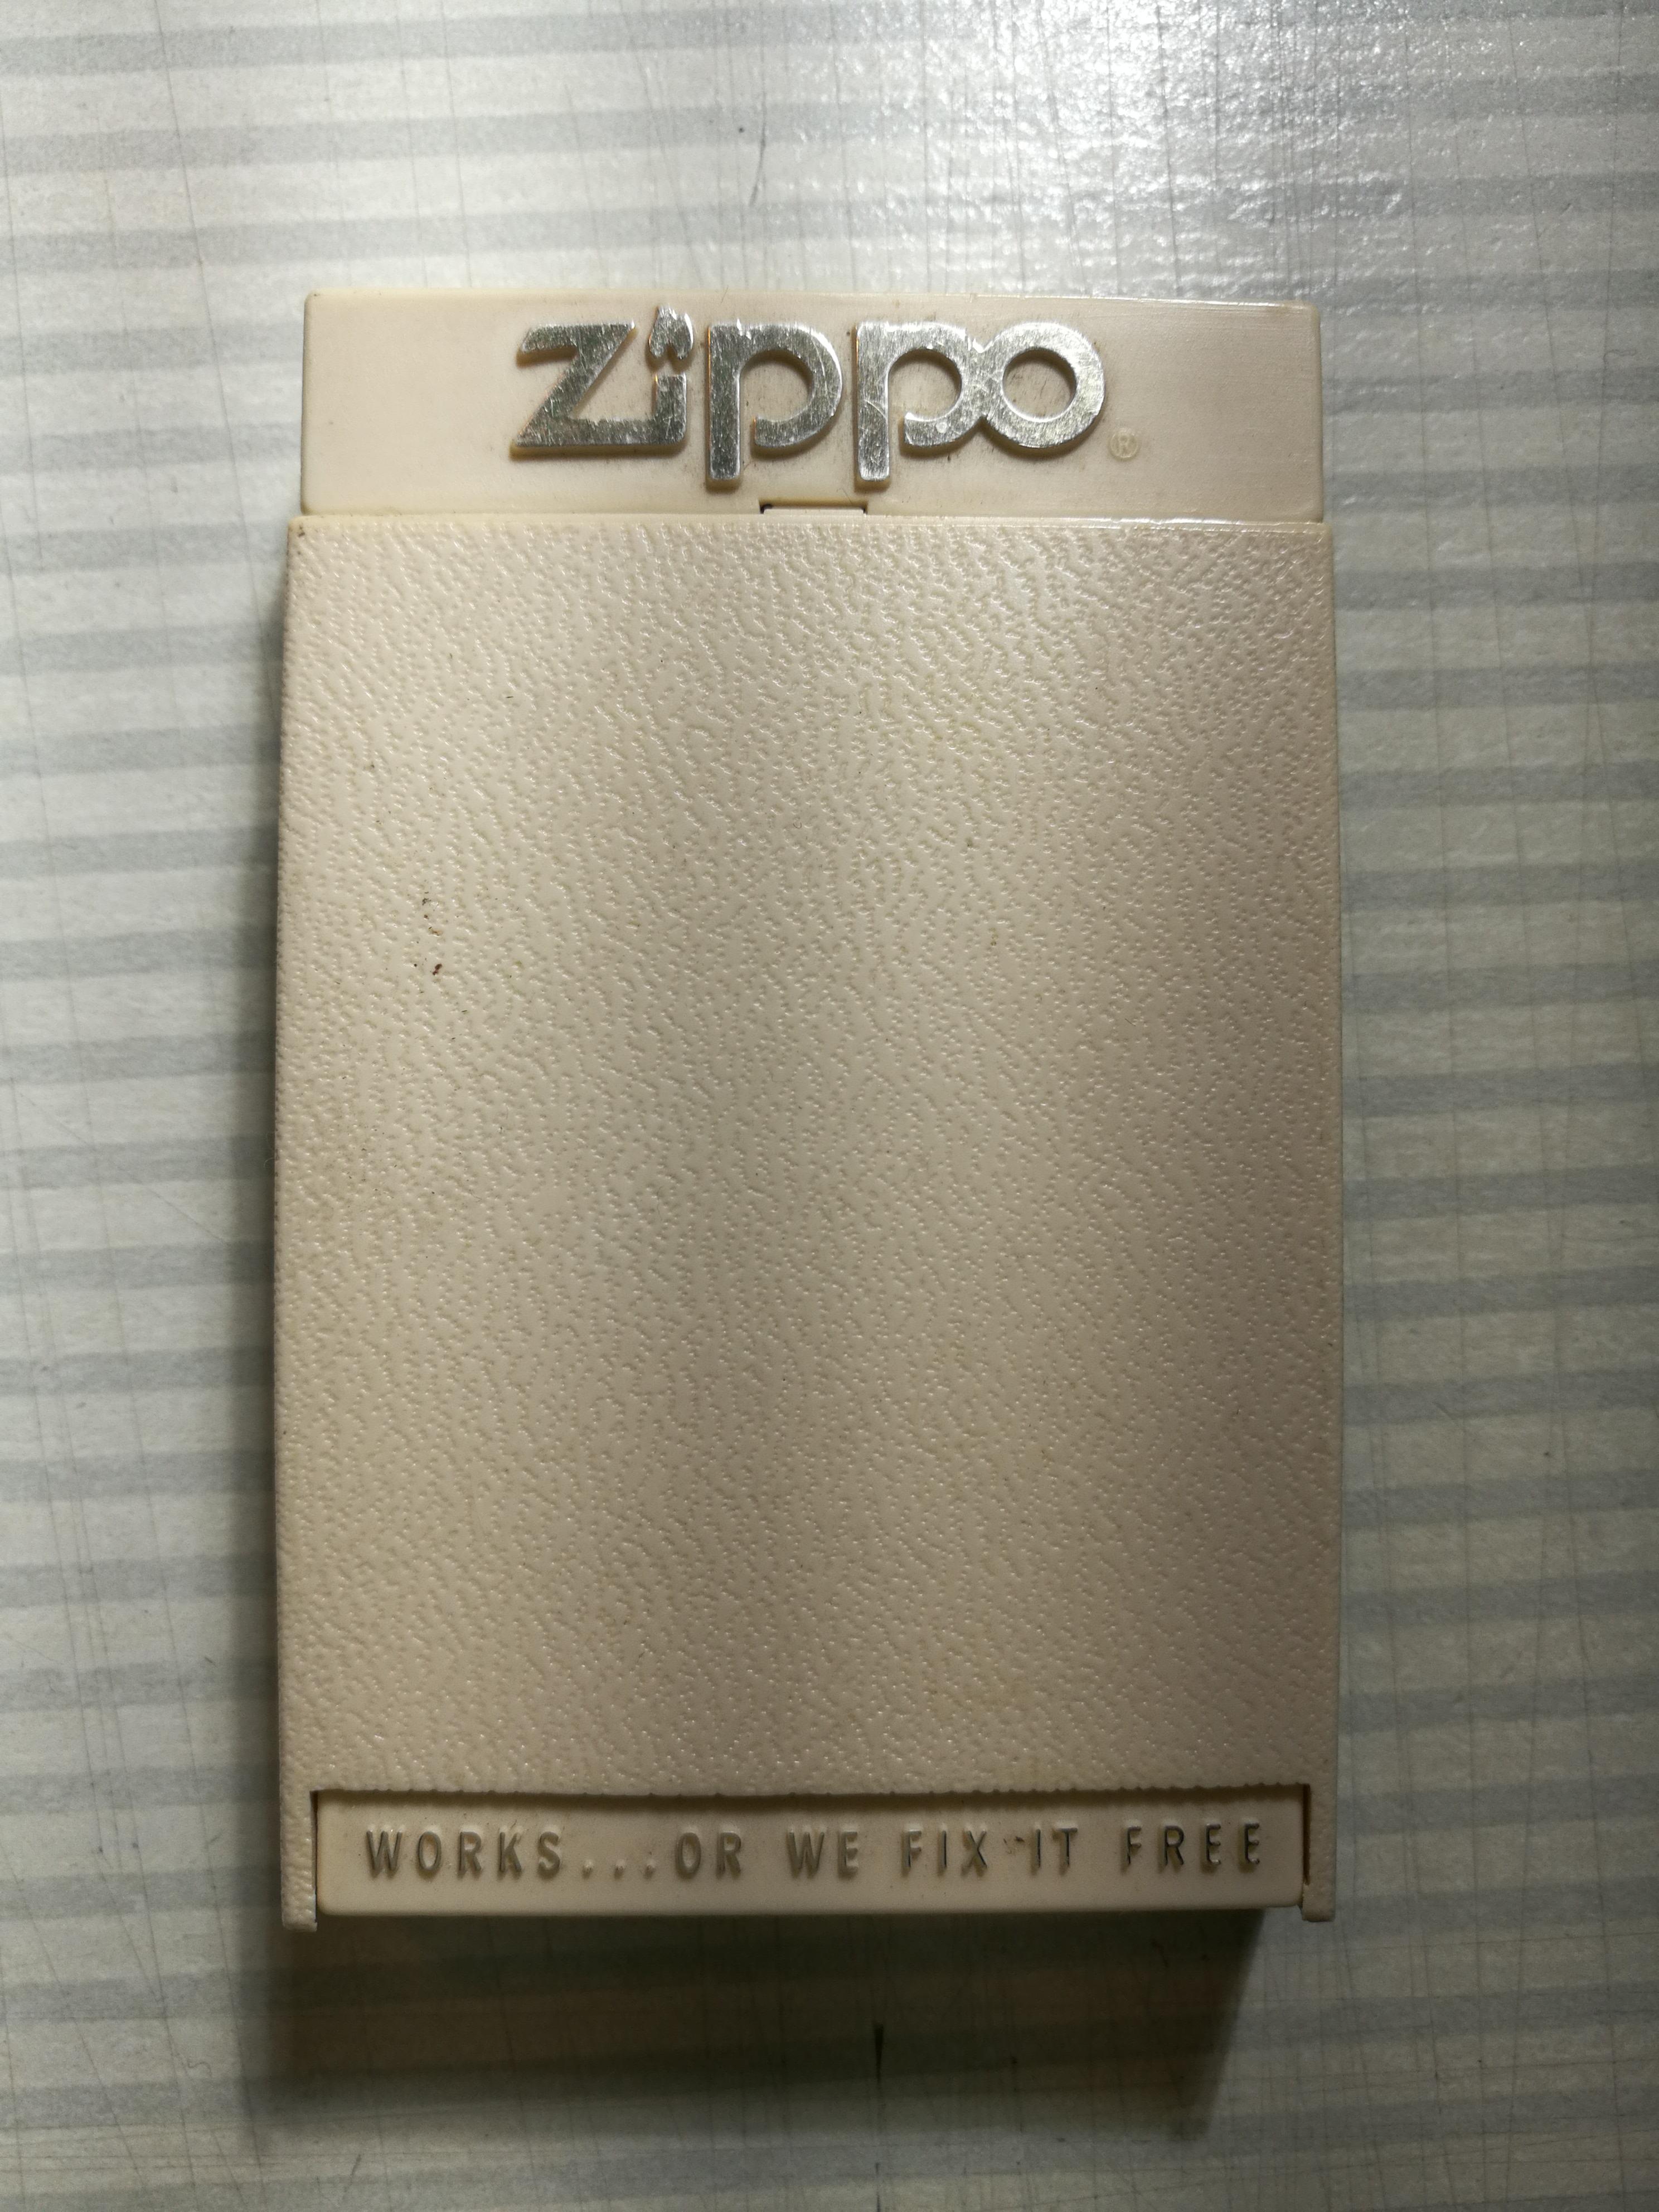 Les boites Zippo au fil du temps - Page 2 999487Boteslim19811